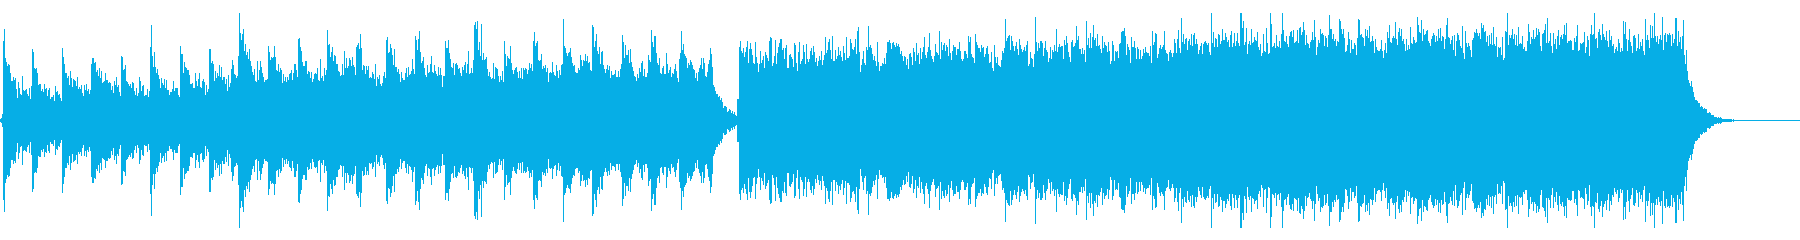 エネルギッシュなシンフォニックストリングの再生済みの波形